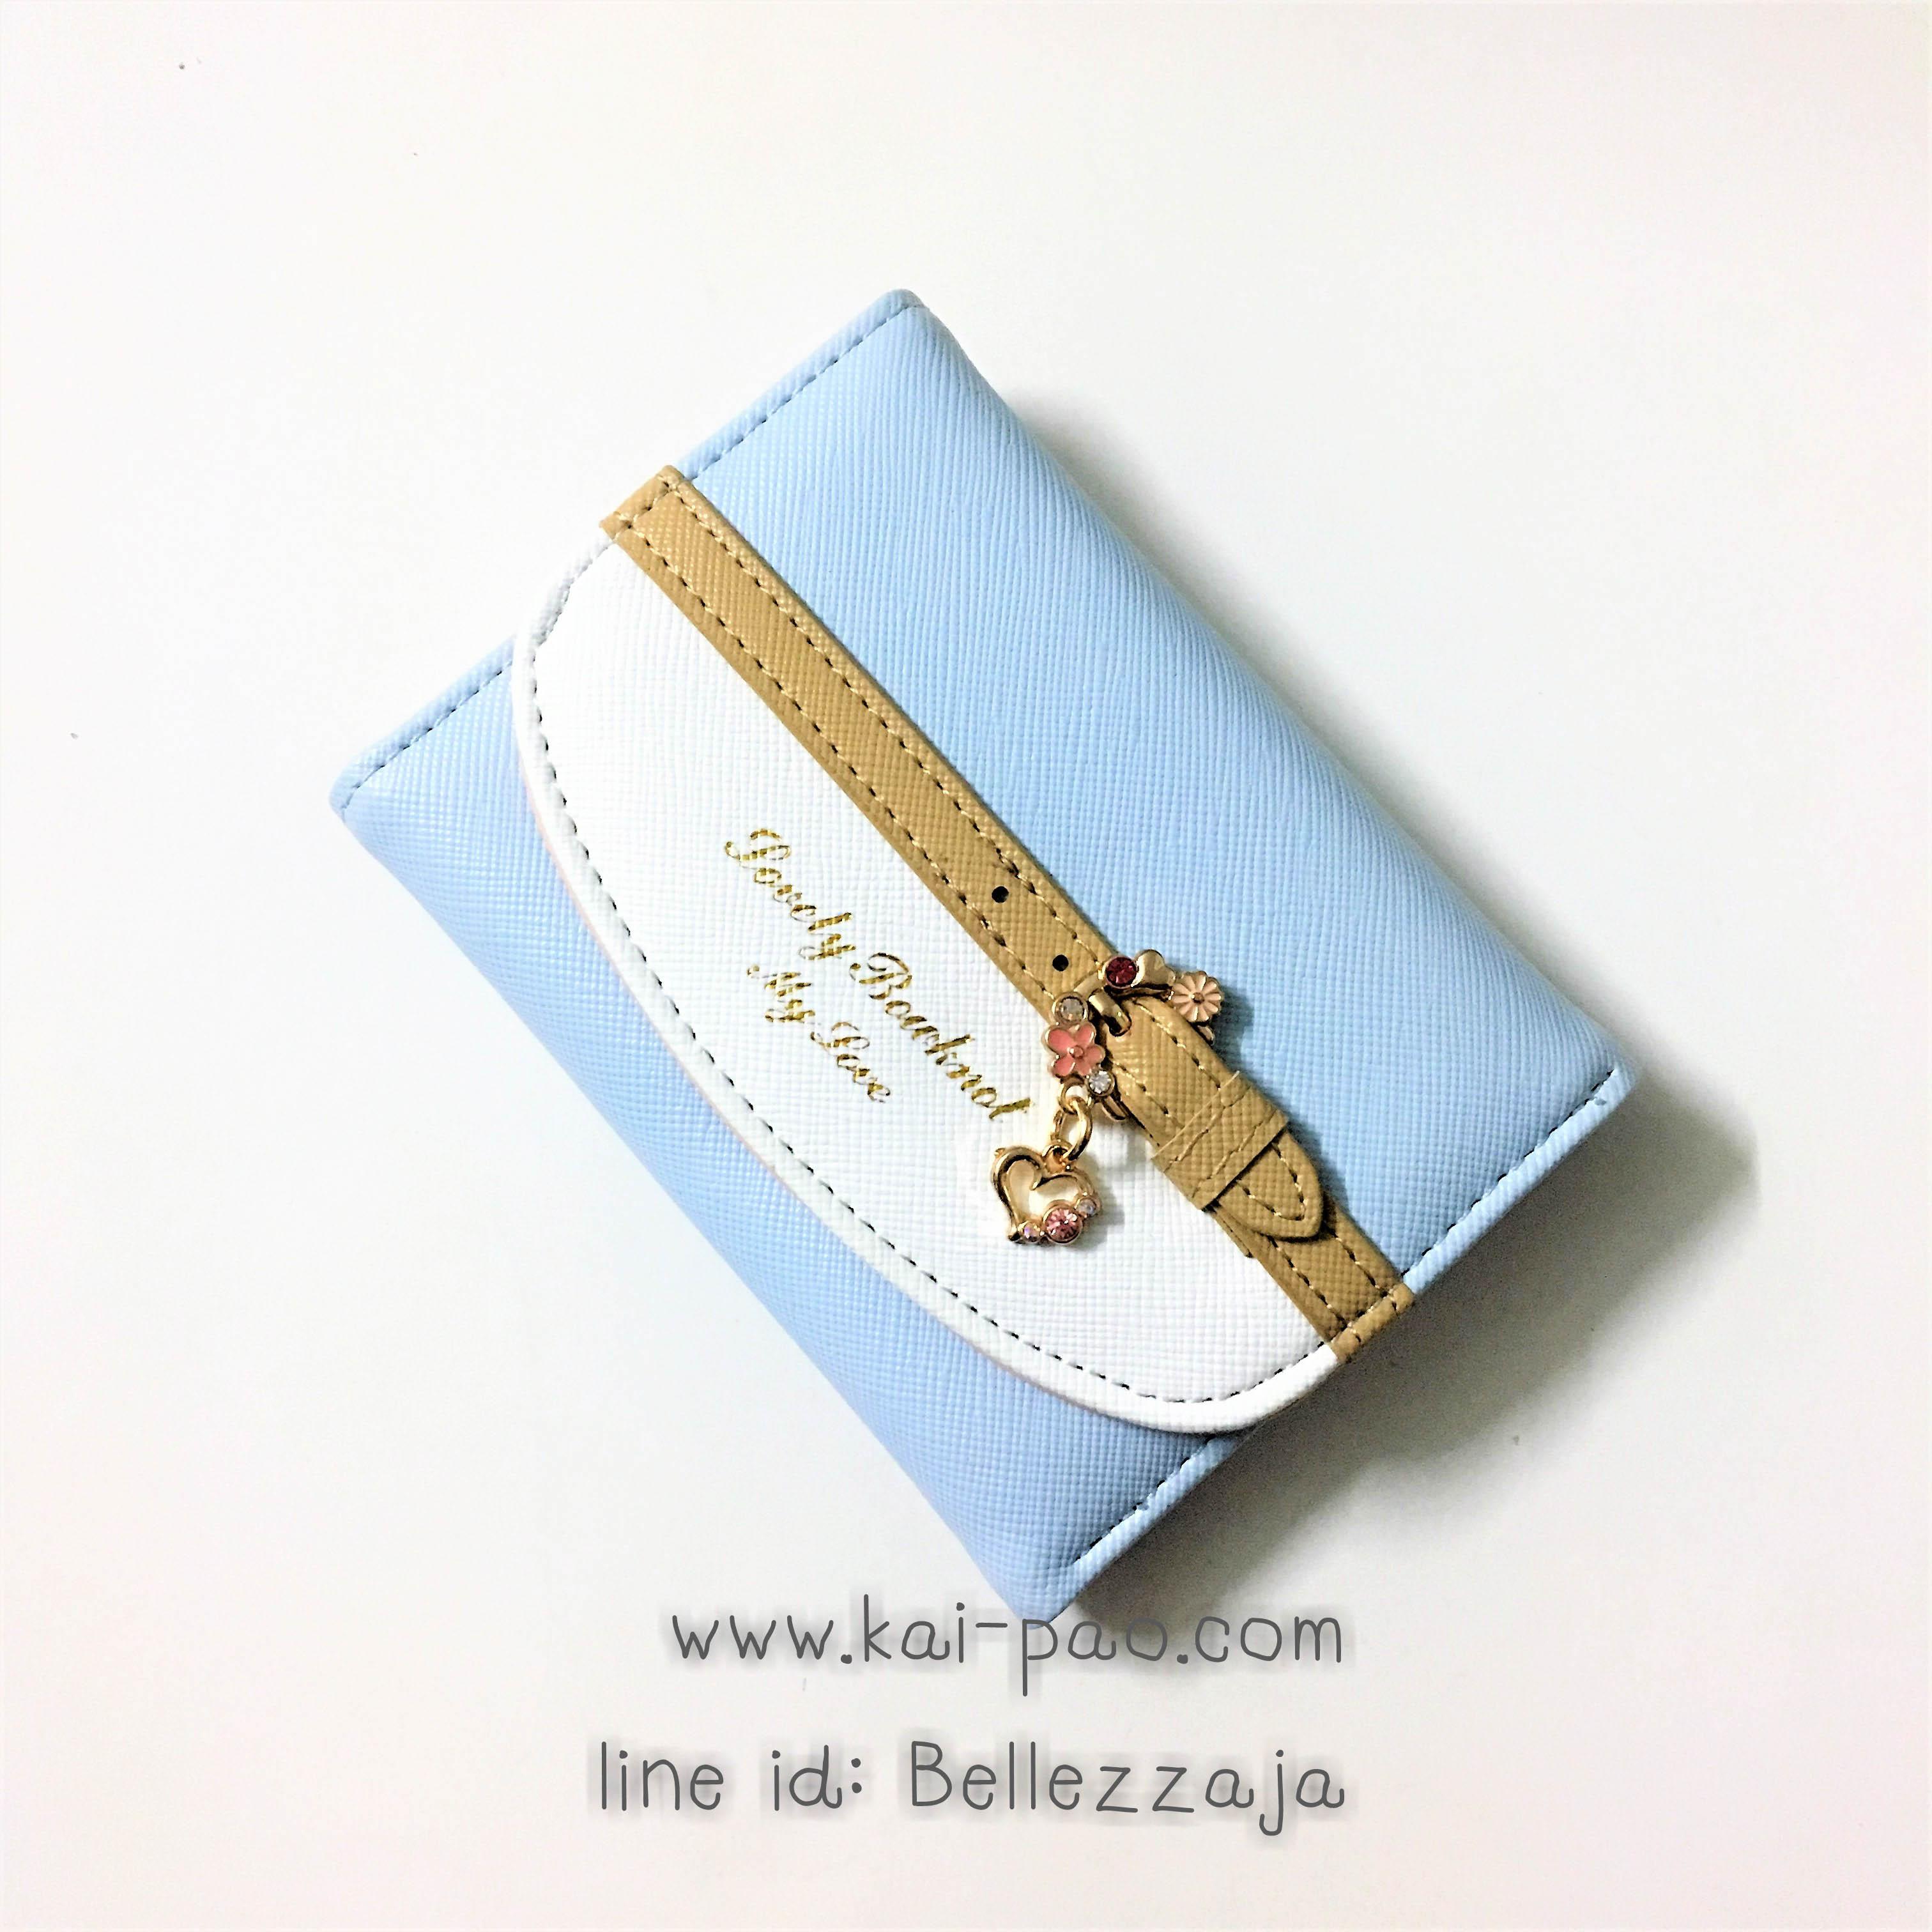 กระเป๋าสตางค์ใบสั้น lovely สีฟ้า ขนาด 3 พับ ห้อยตุ้งติ้งรูปหัวใจน่ารัก